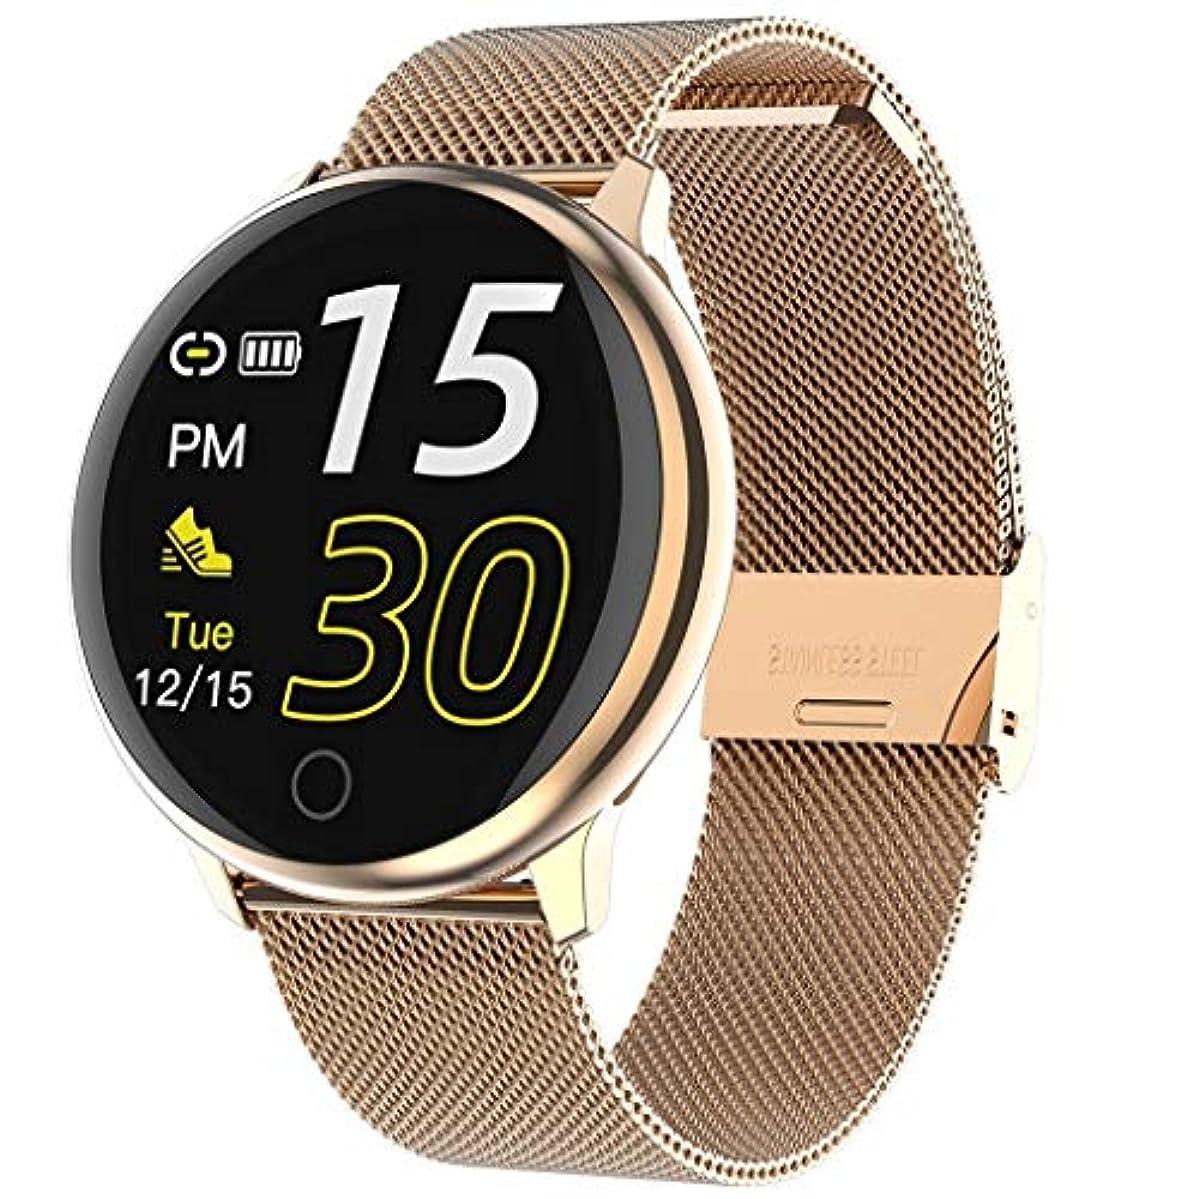 興奮するチェス本質的ではないAndroidのIPhoneのためのスマートウォッチリマインダーから、血圧監視、メッセージの歩数計、心拍数、睡眠と接続ウォッチ (色 : Gold (steel belt))